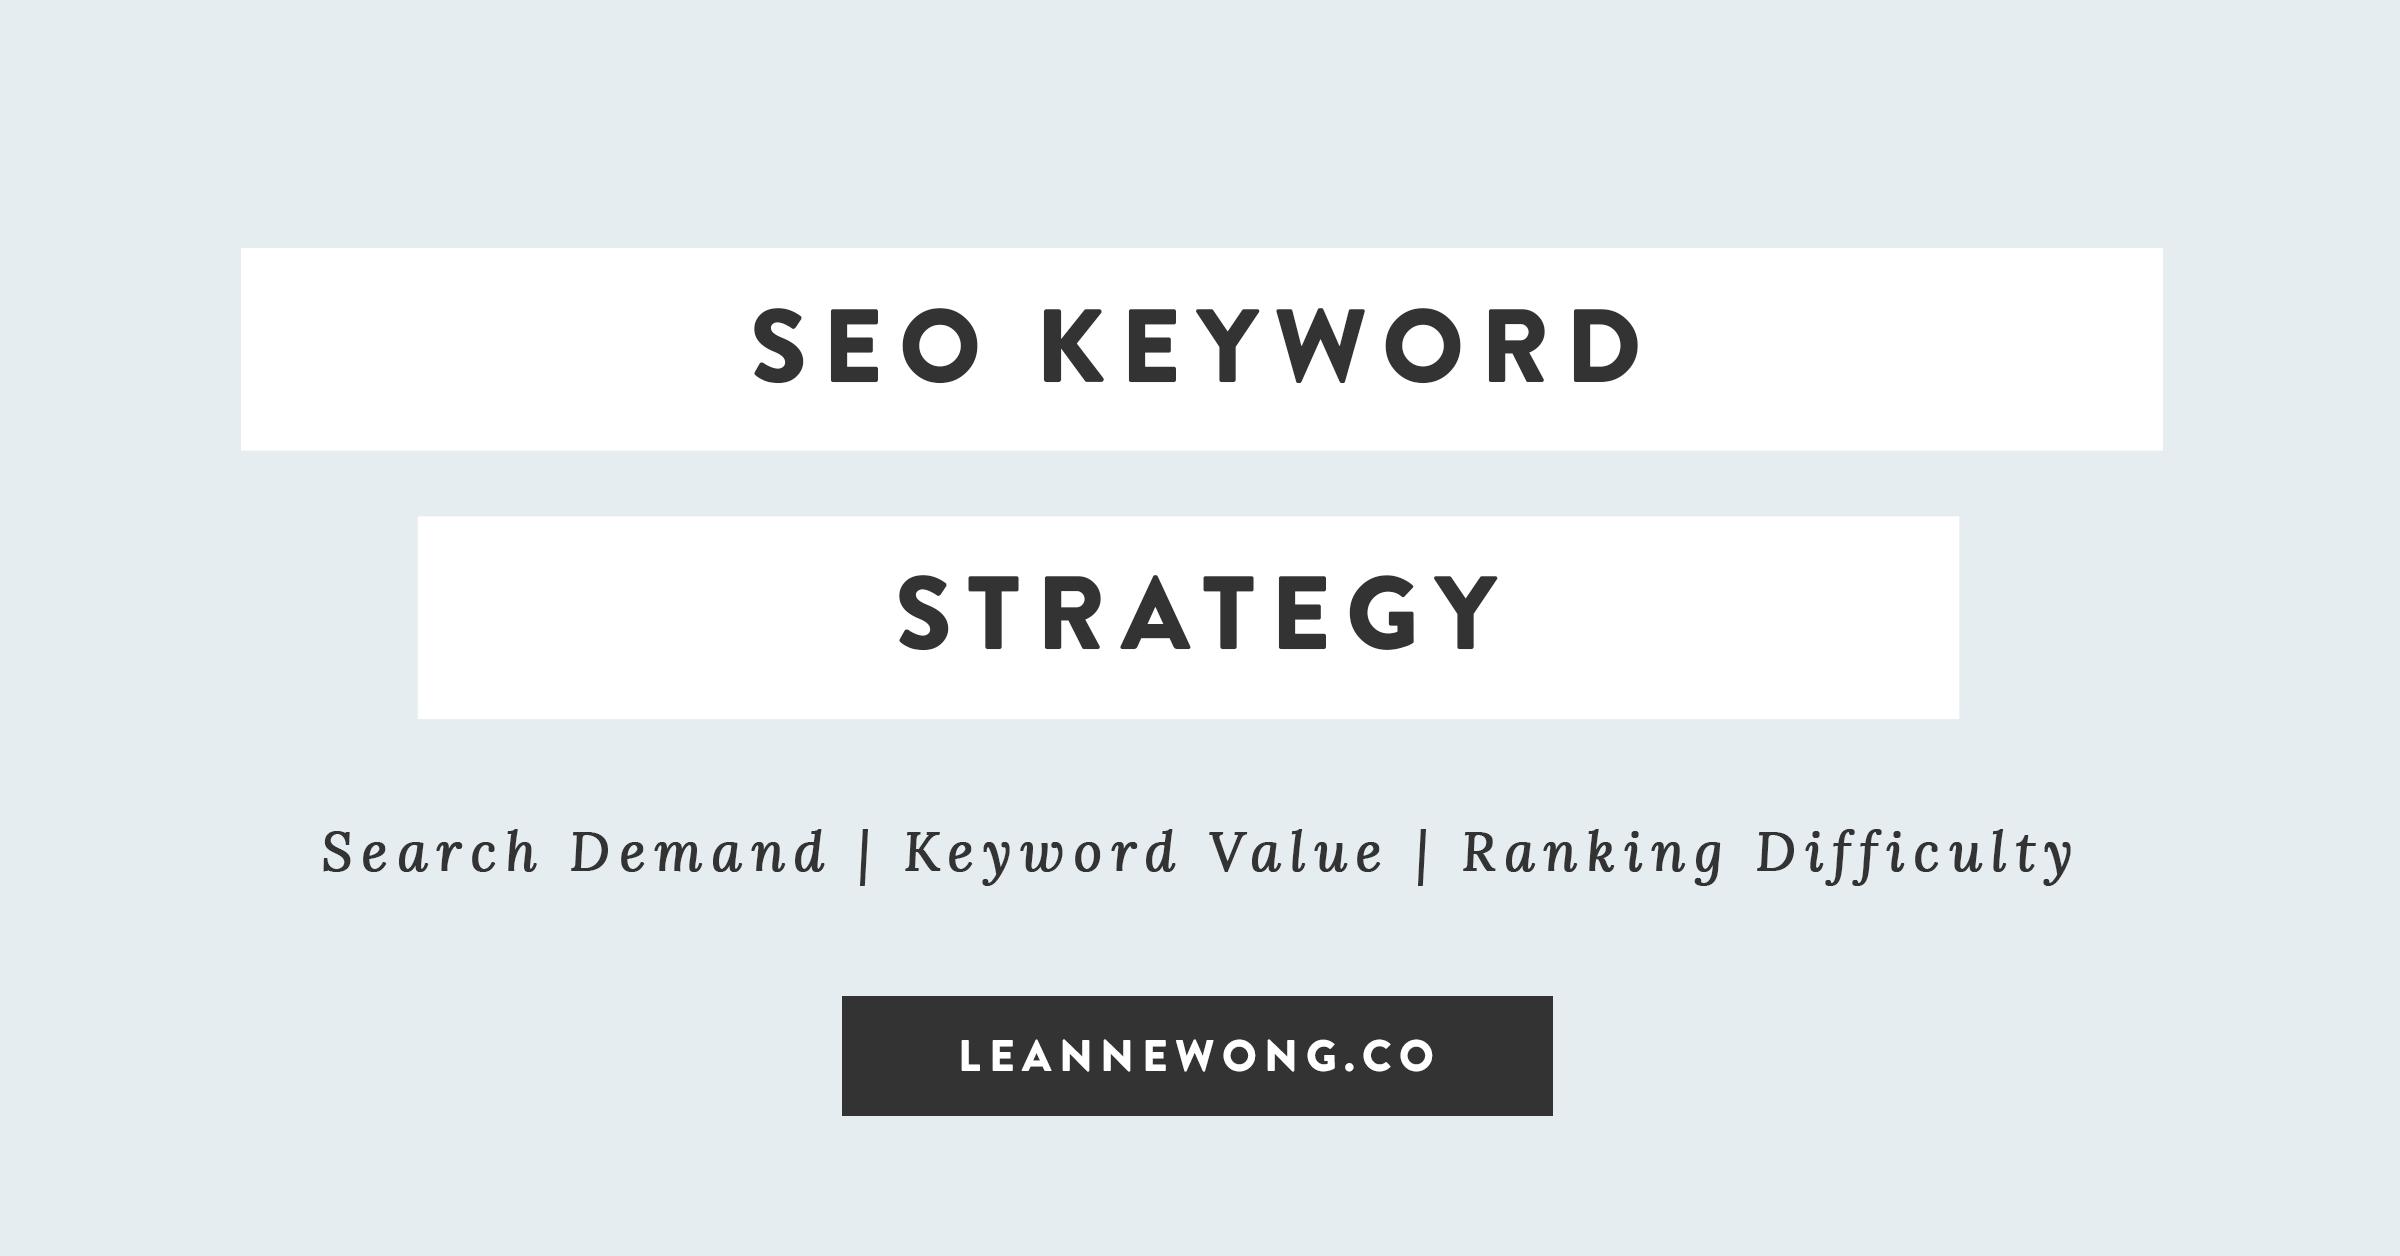 keyword-strategy-seo-glossary